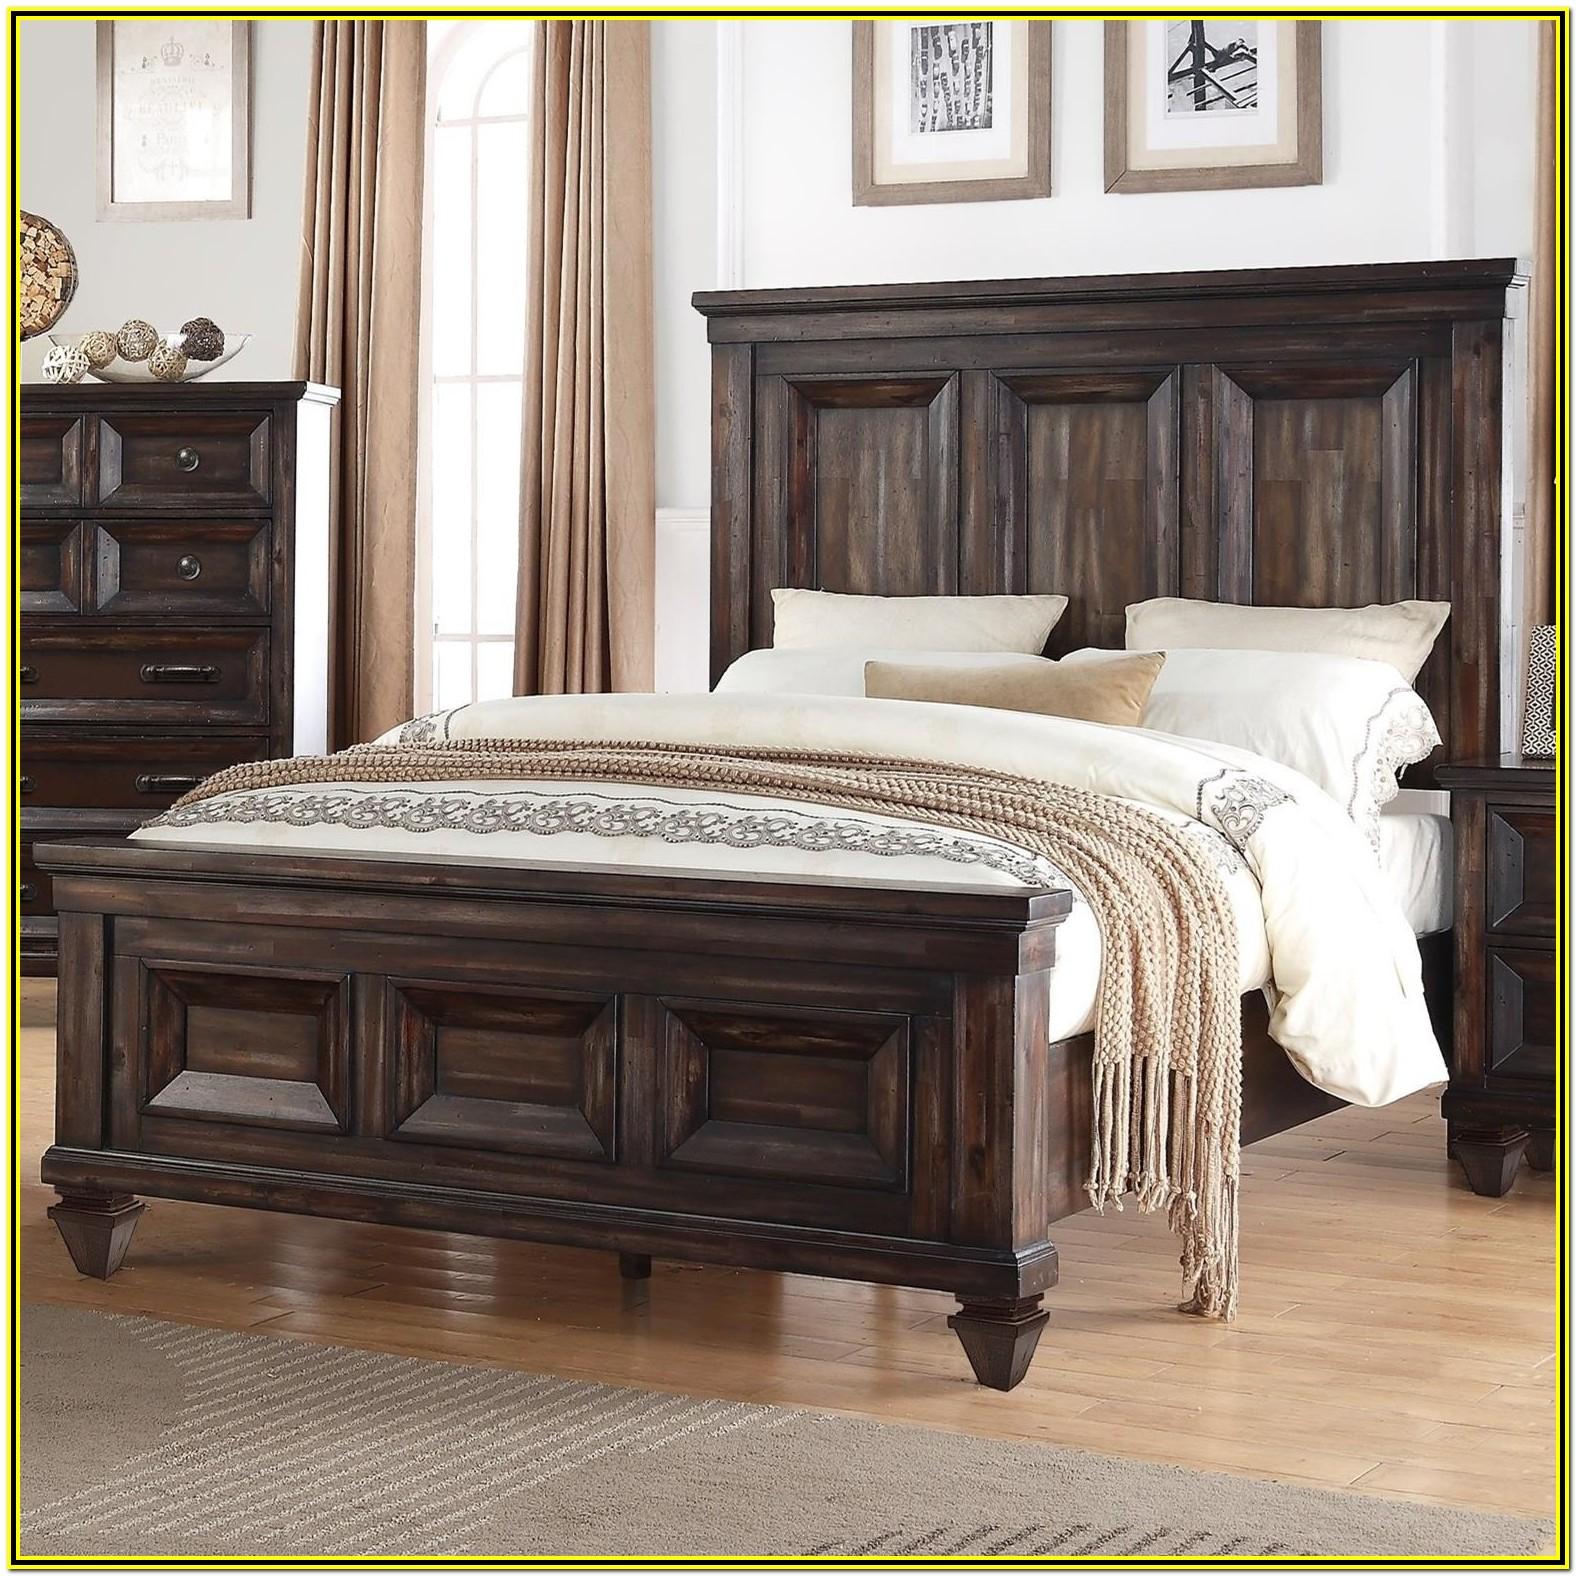 American Furniture Warehouse Adjustable Bed Frame